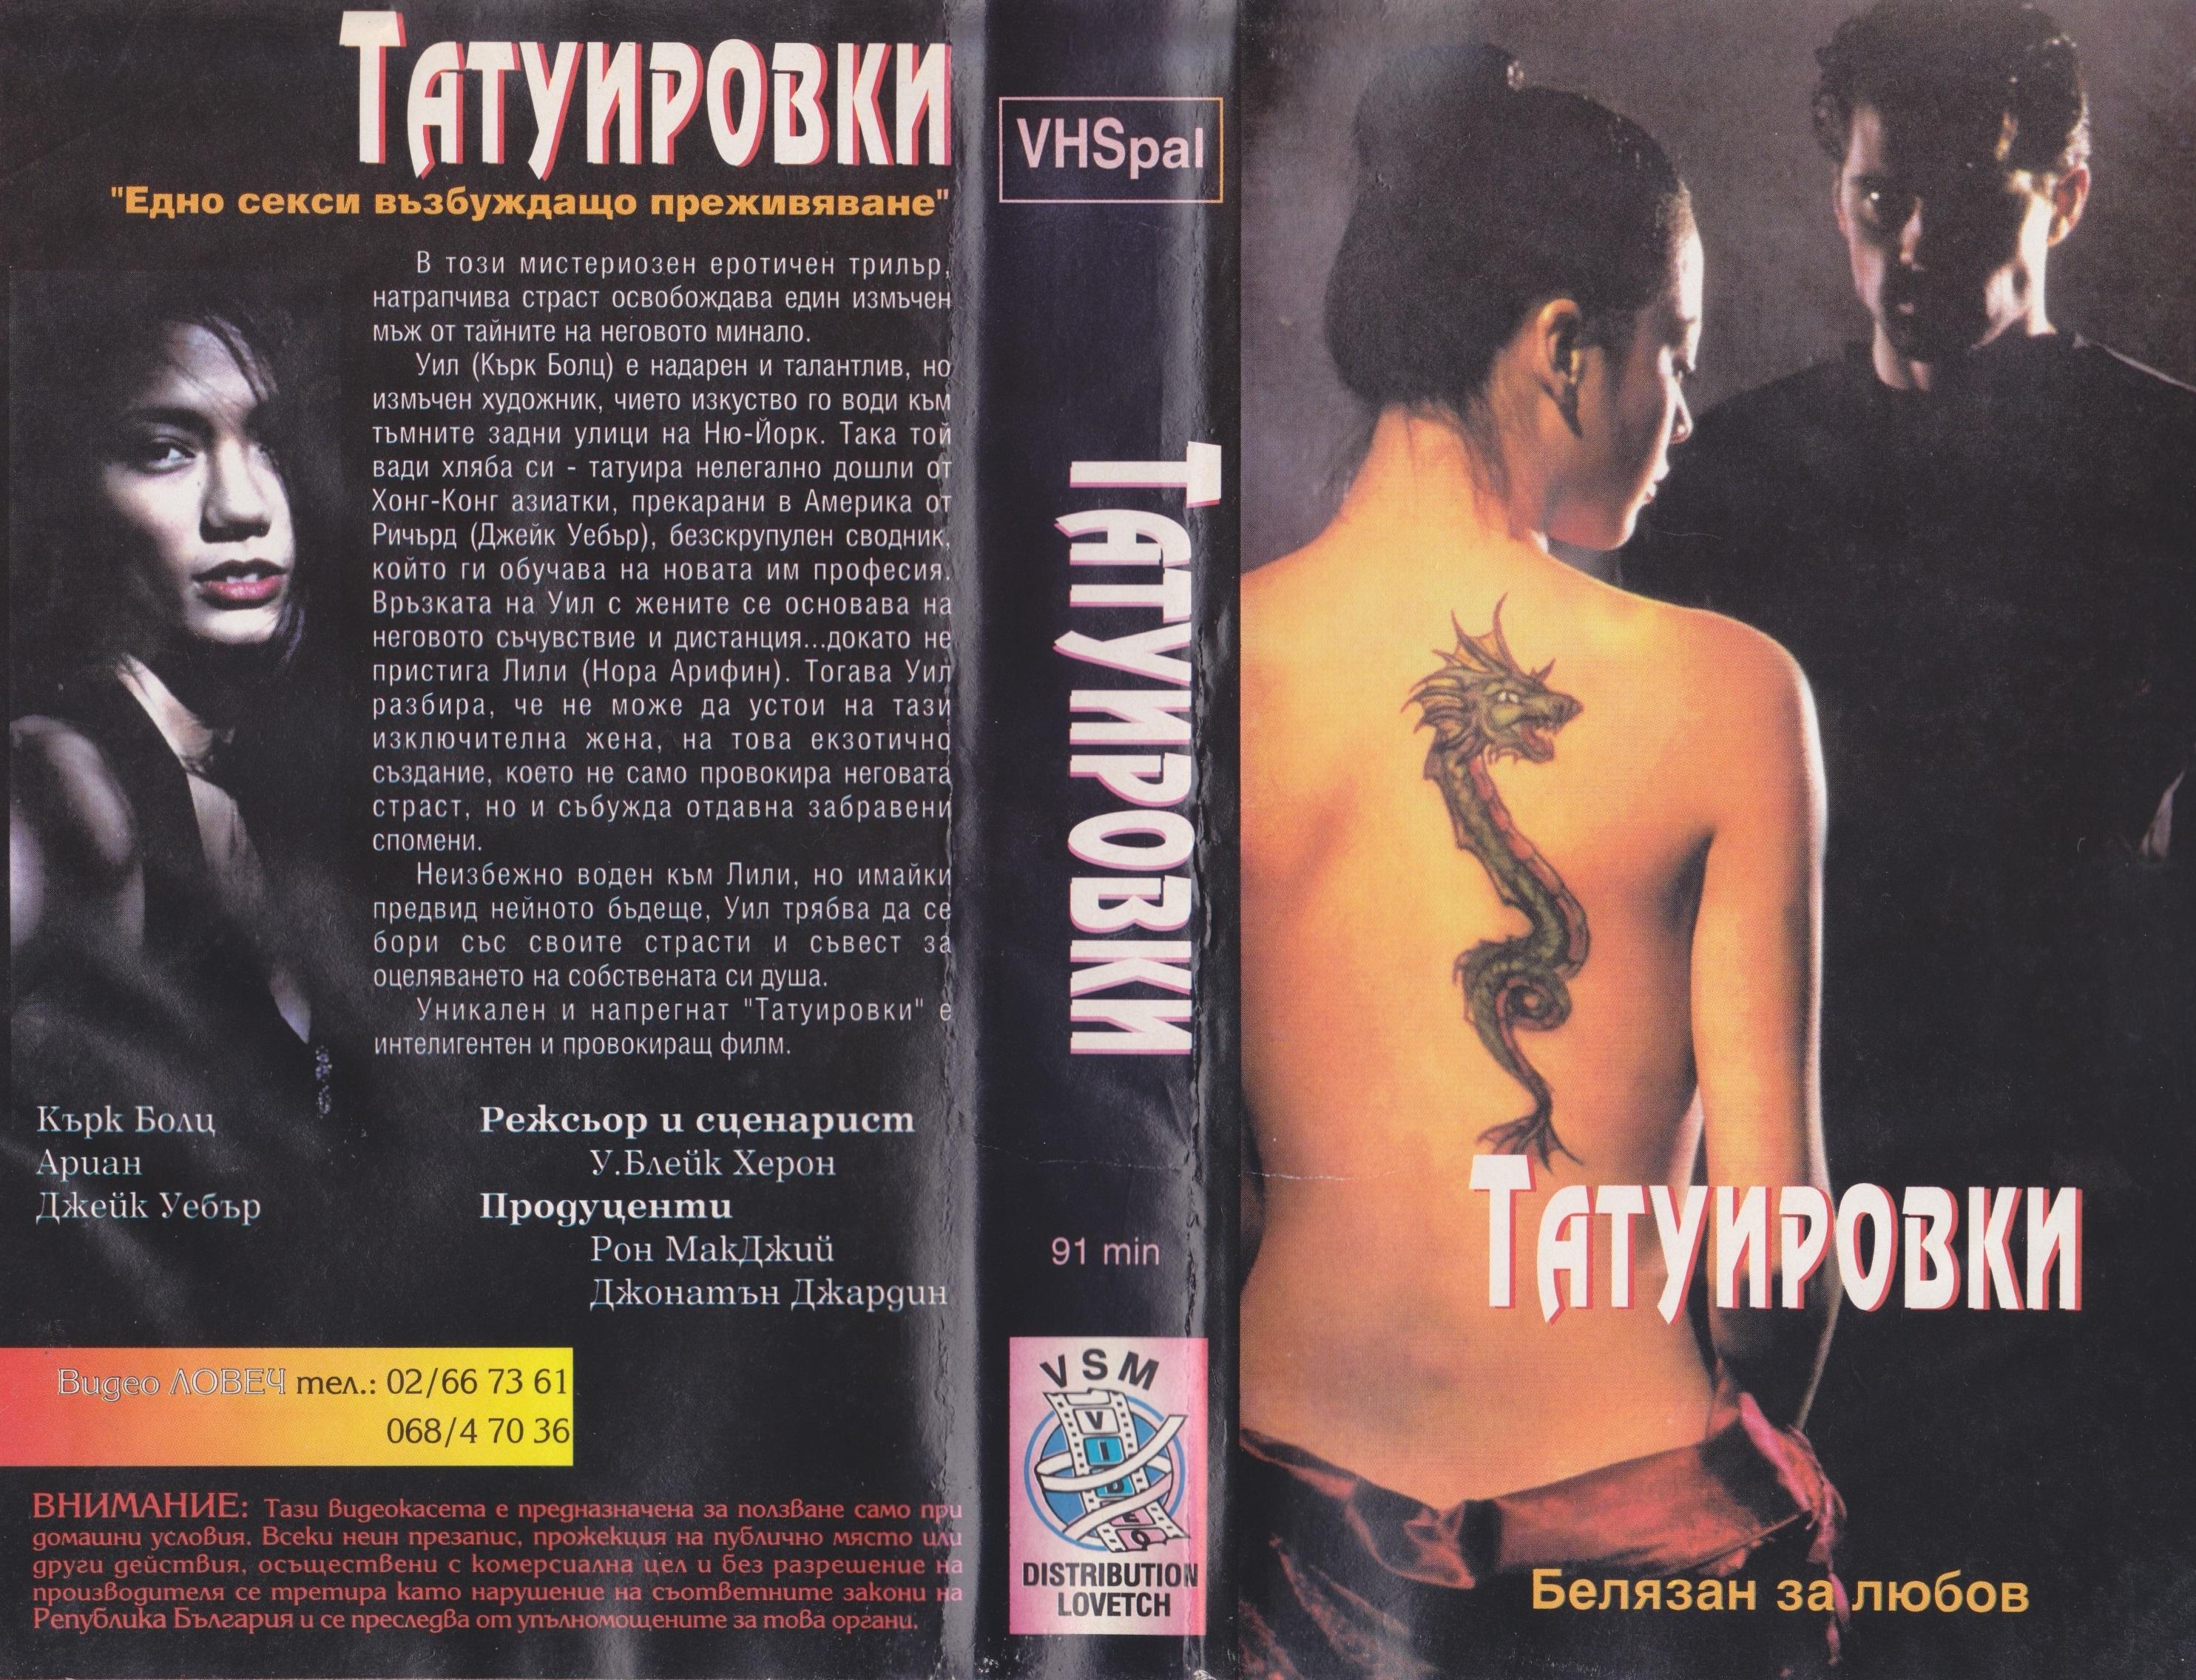 Татуировки филм постер